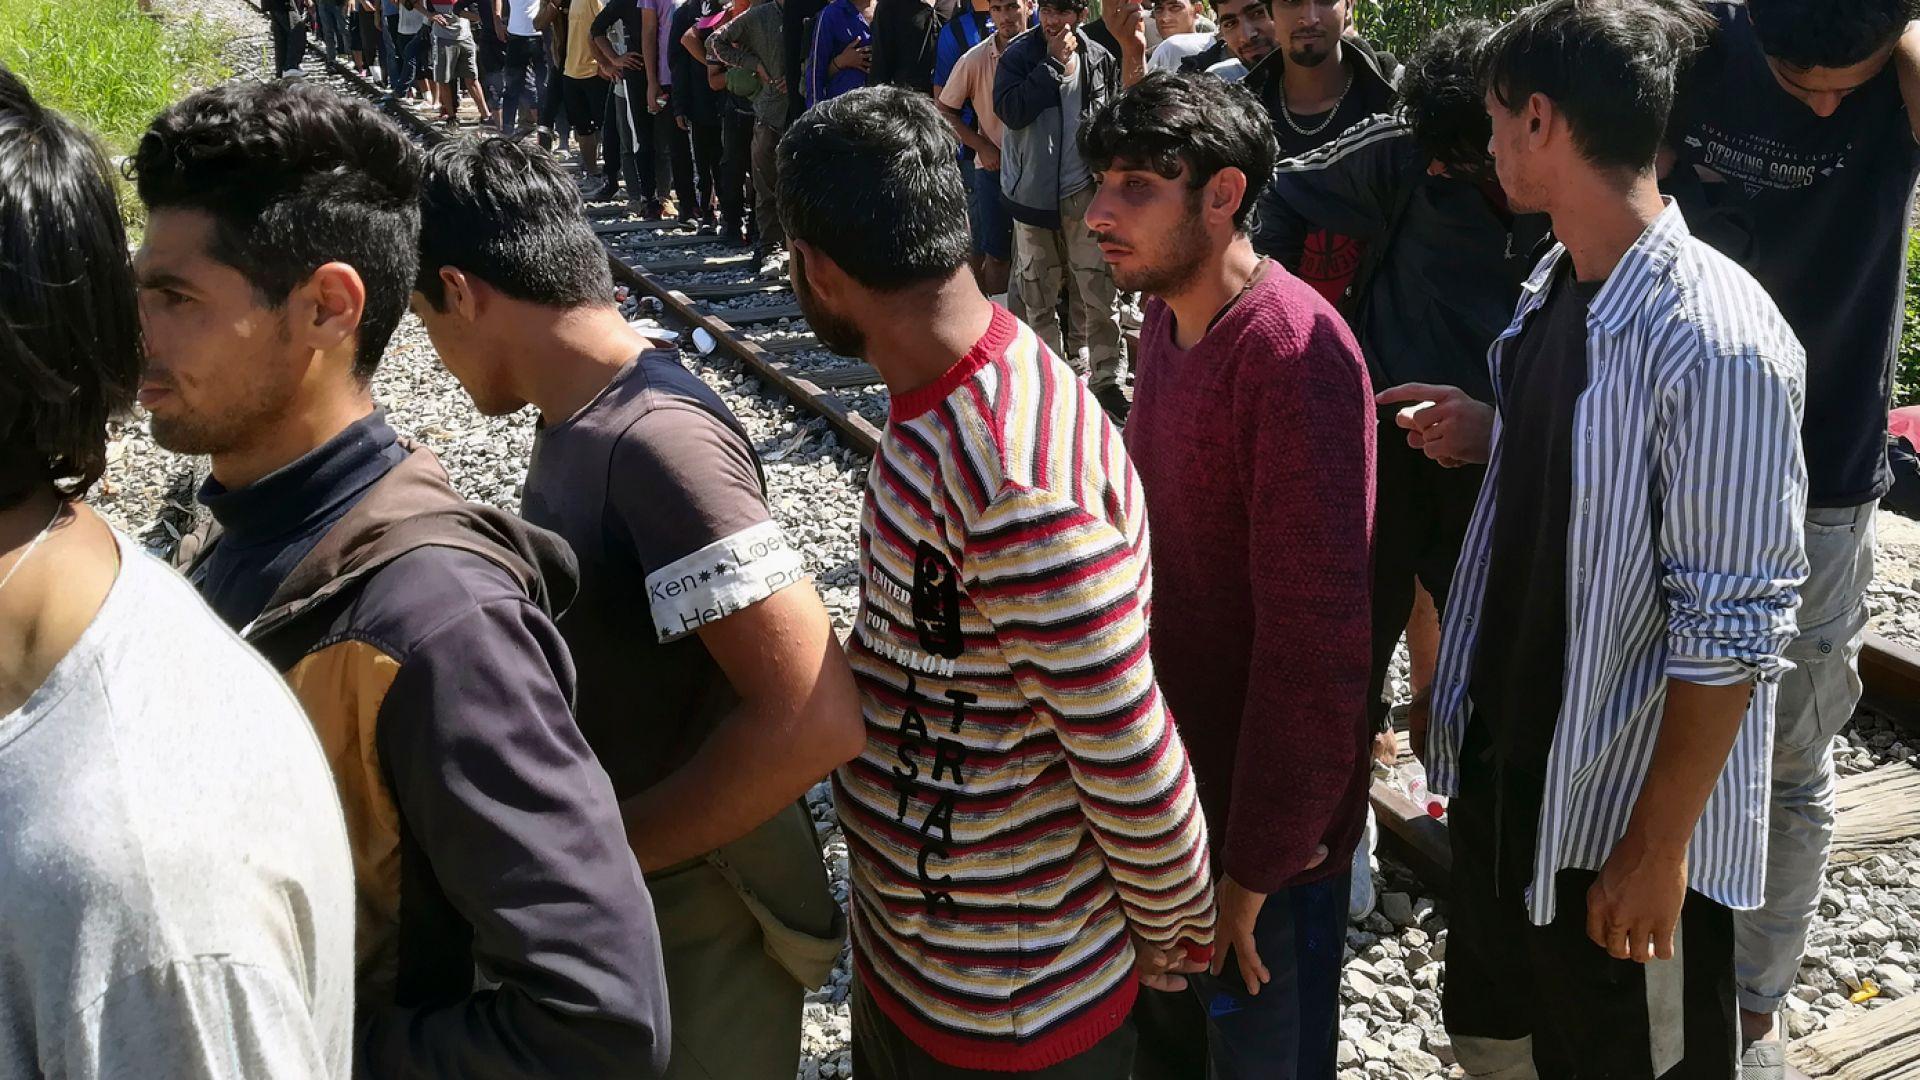 Откриха 23 нелегални мигранти, натъпкани в бус край Пловдив